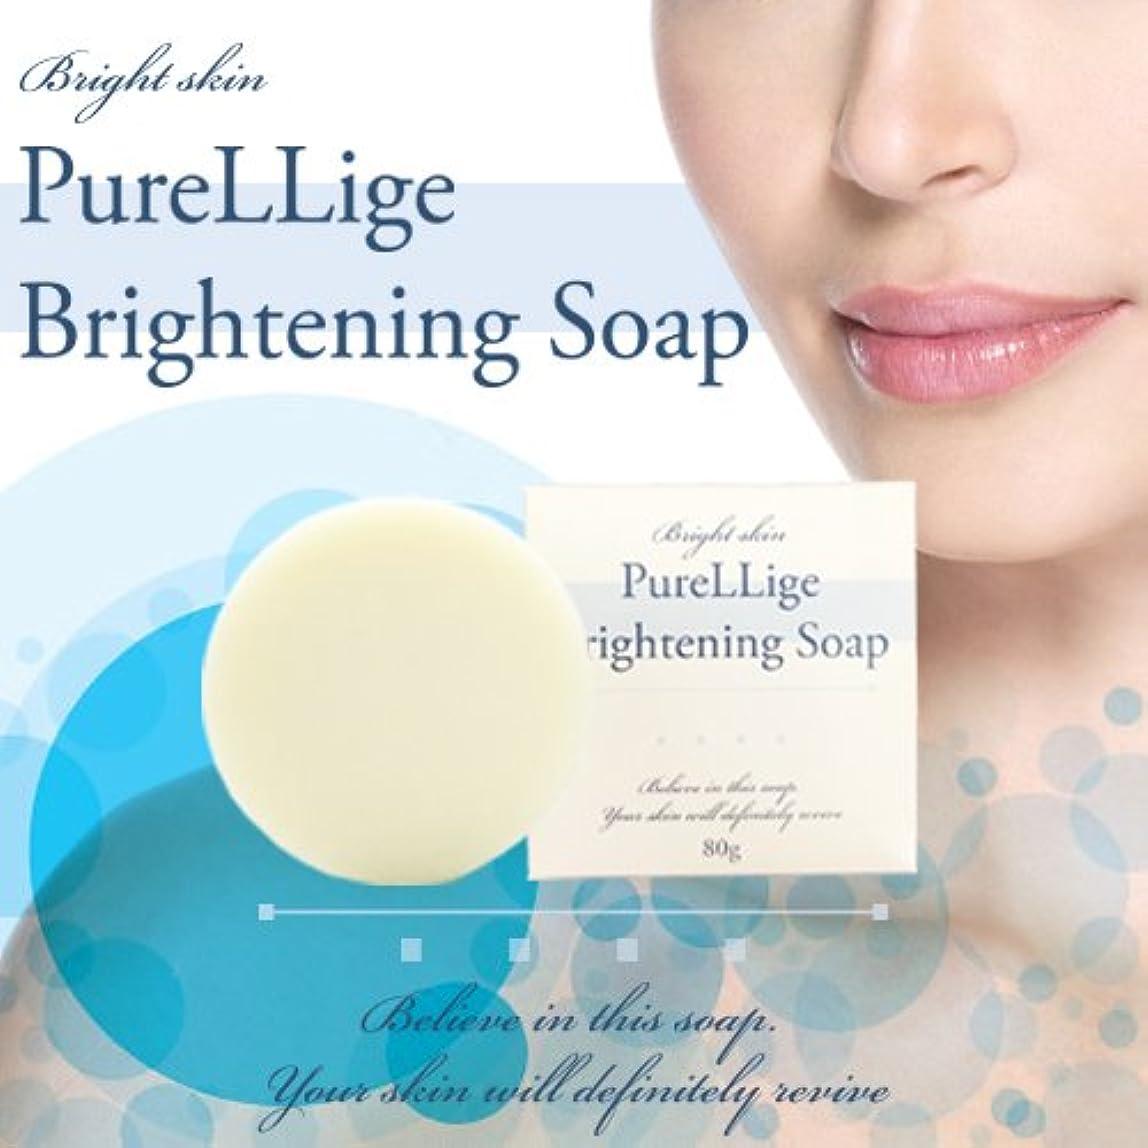 プログレッシブ葉を集めるポーチピュアリージェ ブライトニングソープ 石鹸 石けん 洗顔